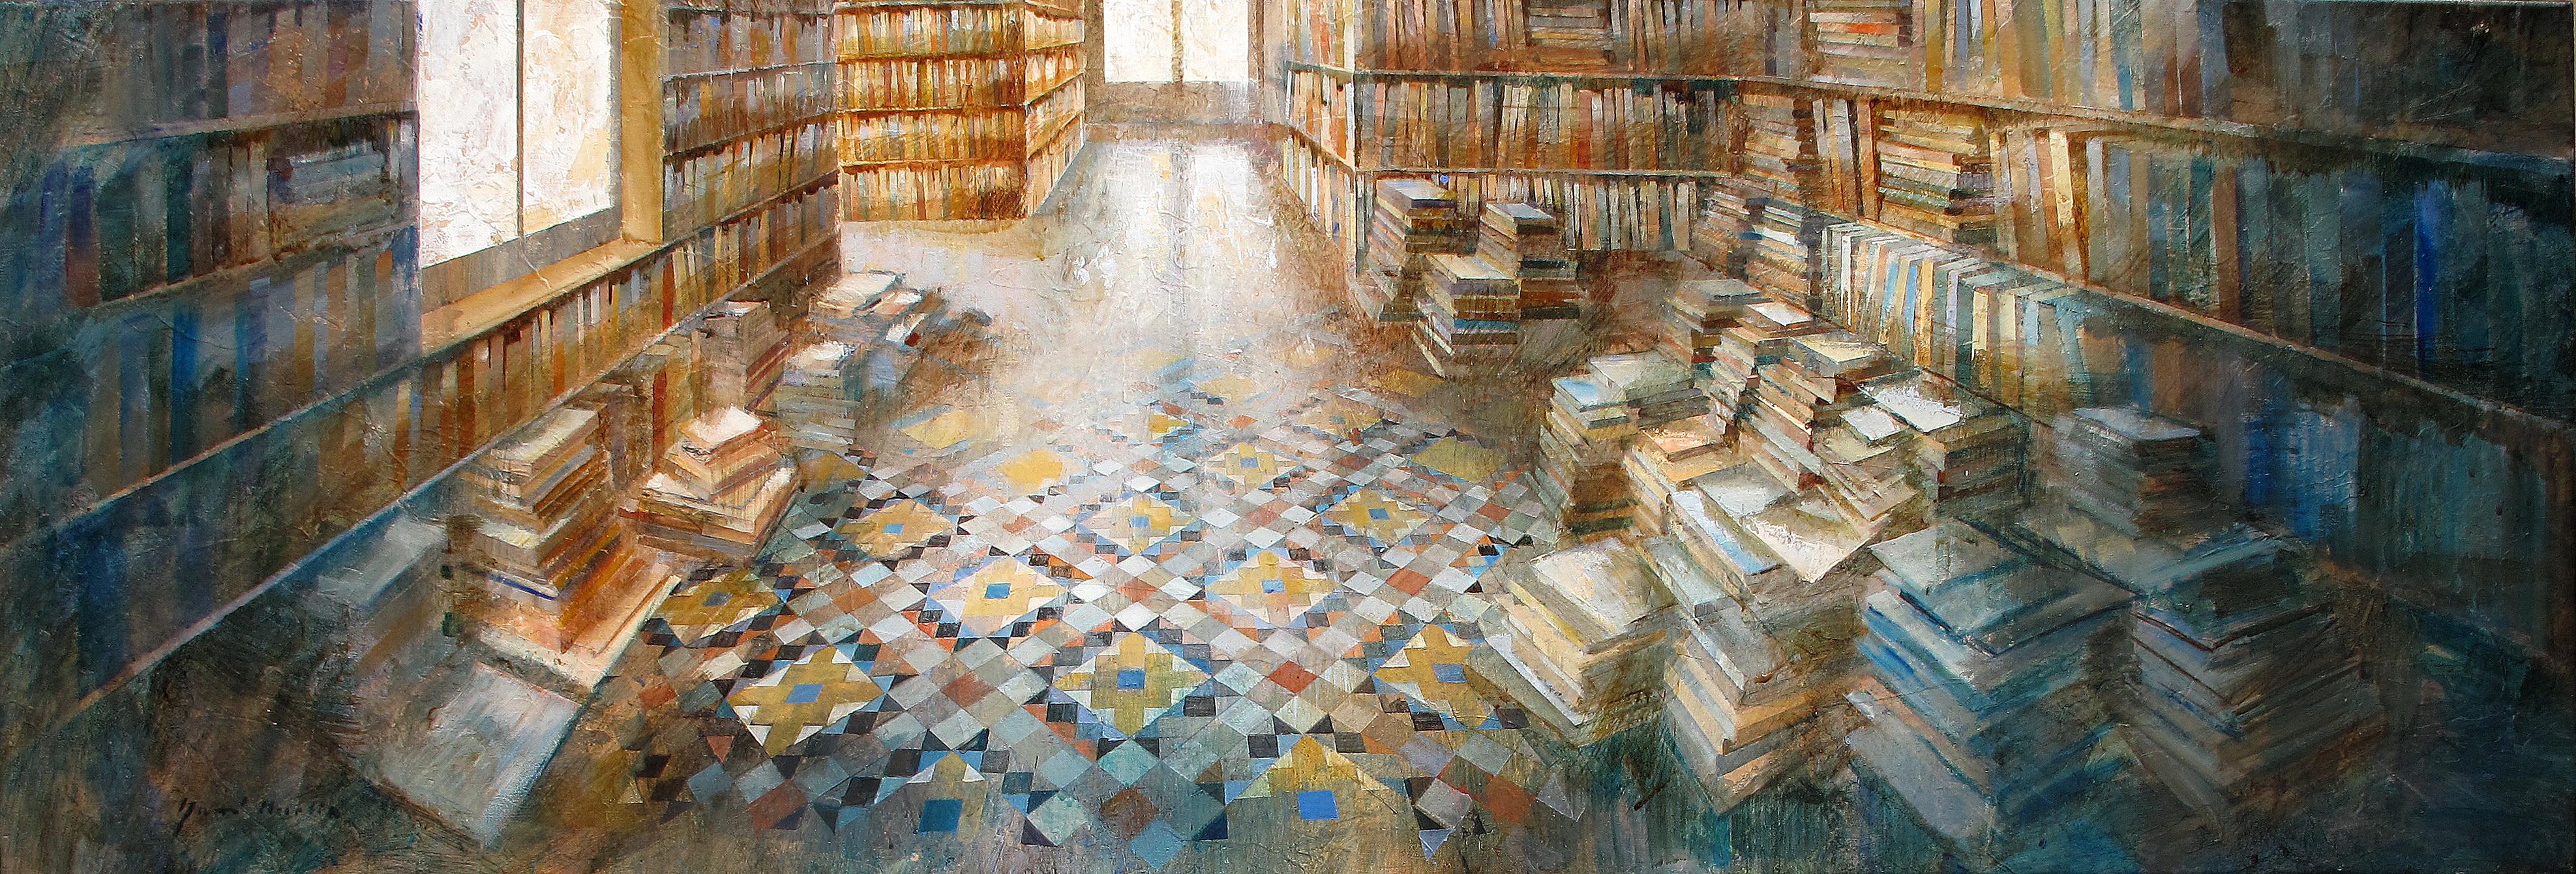 Ambient Literari - 50 x 200 cm